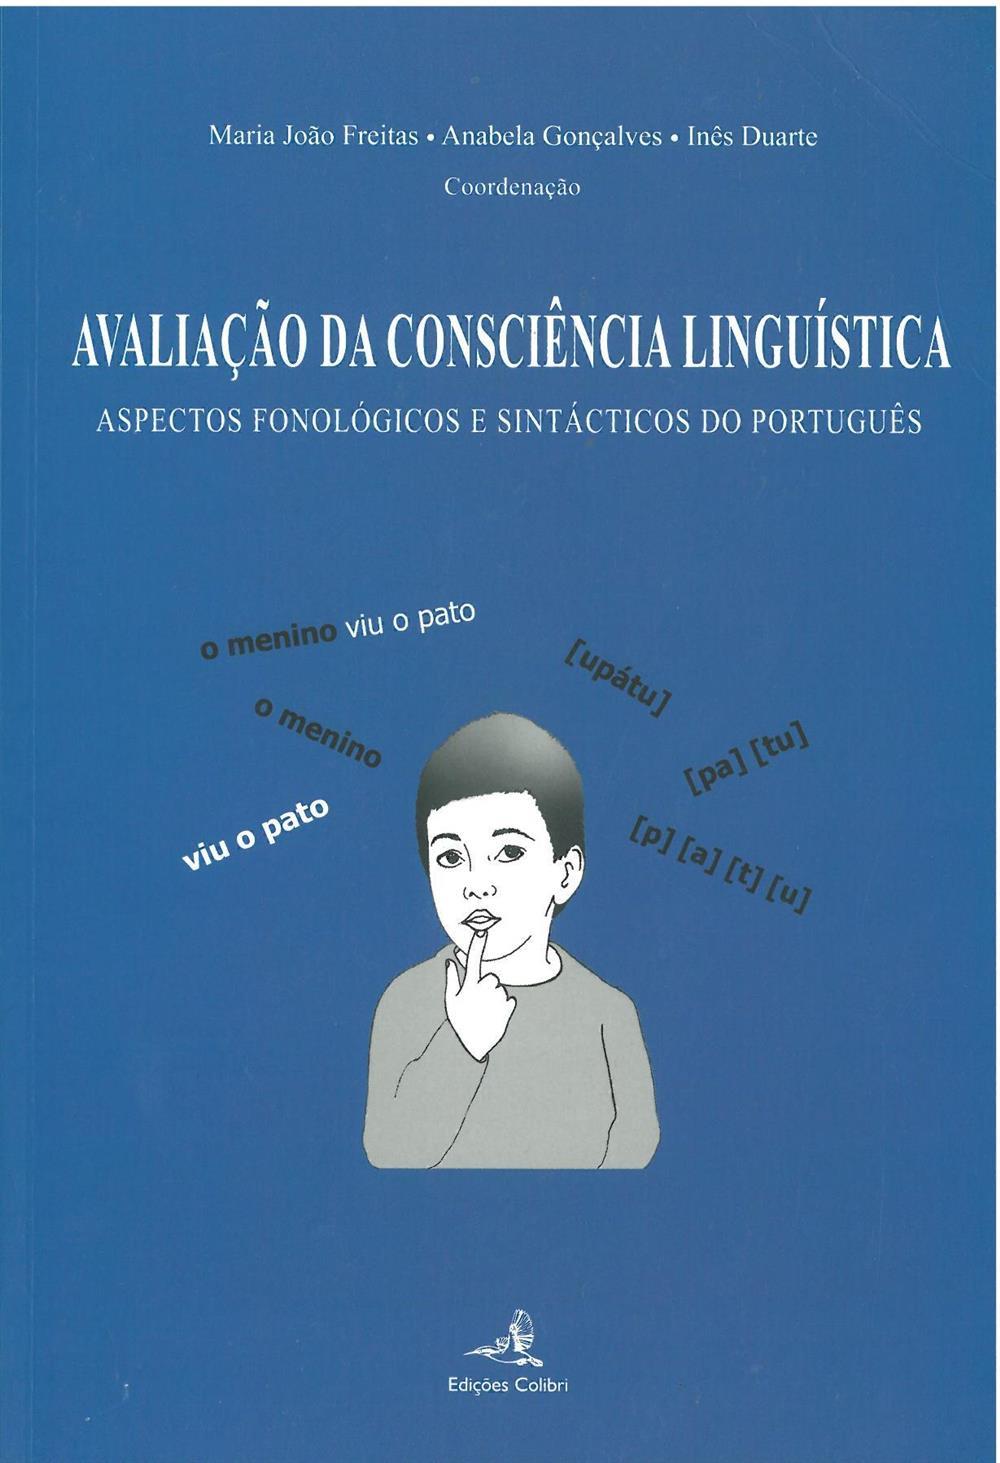 Avaliação da consciência linguística_.jpg